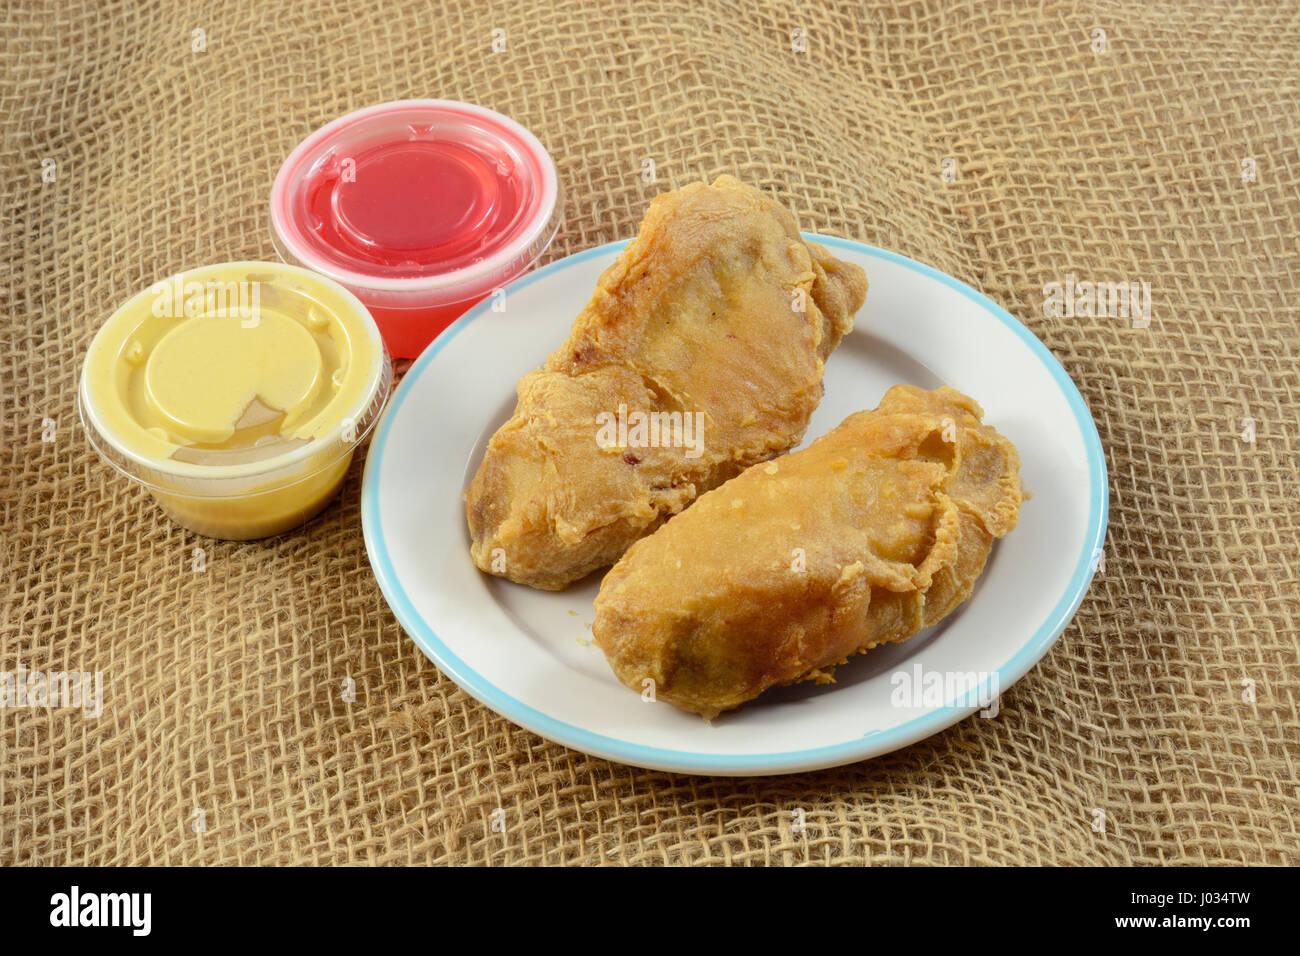 Pollo fritto antipasto di filetto con senape e salsa agrodolce Immagini Stock